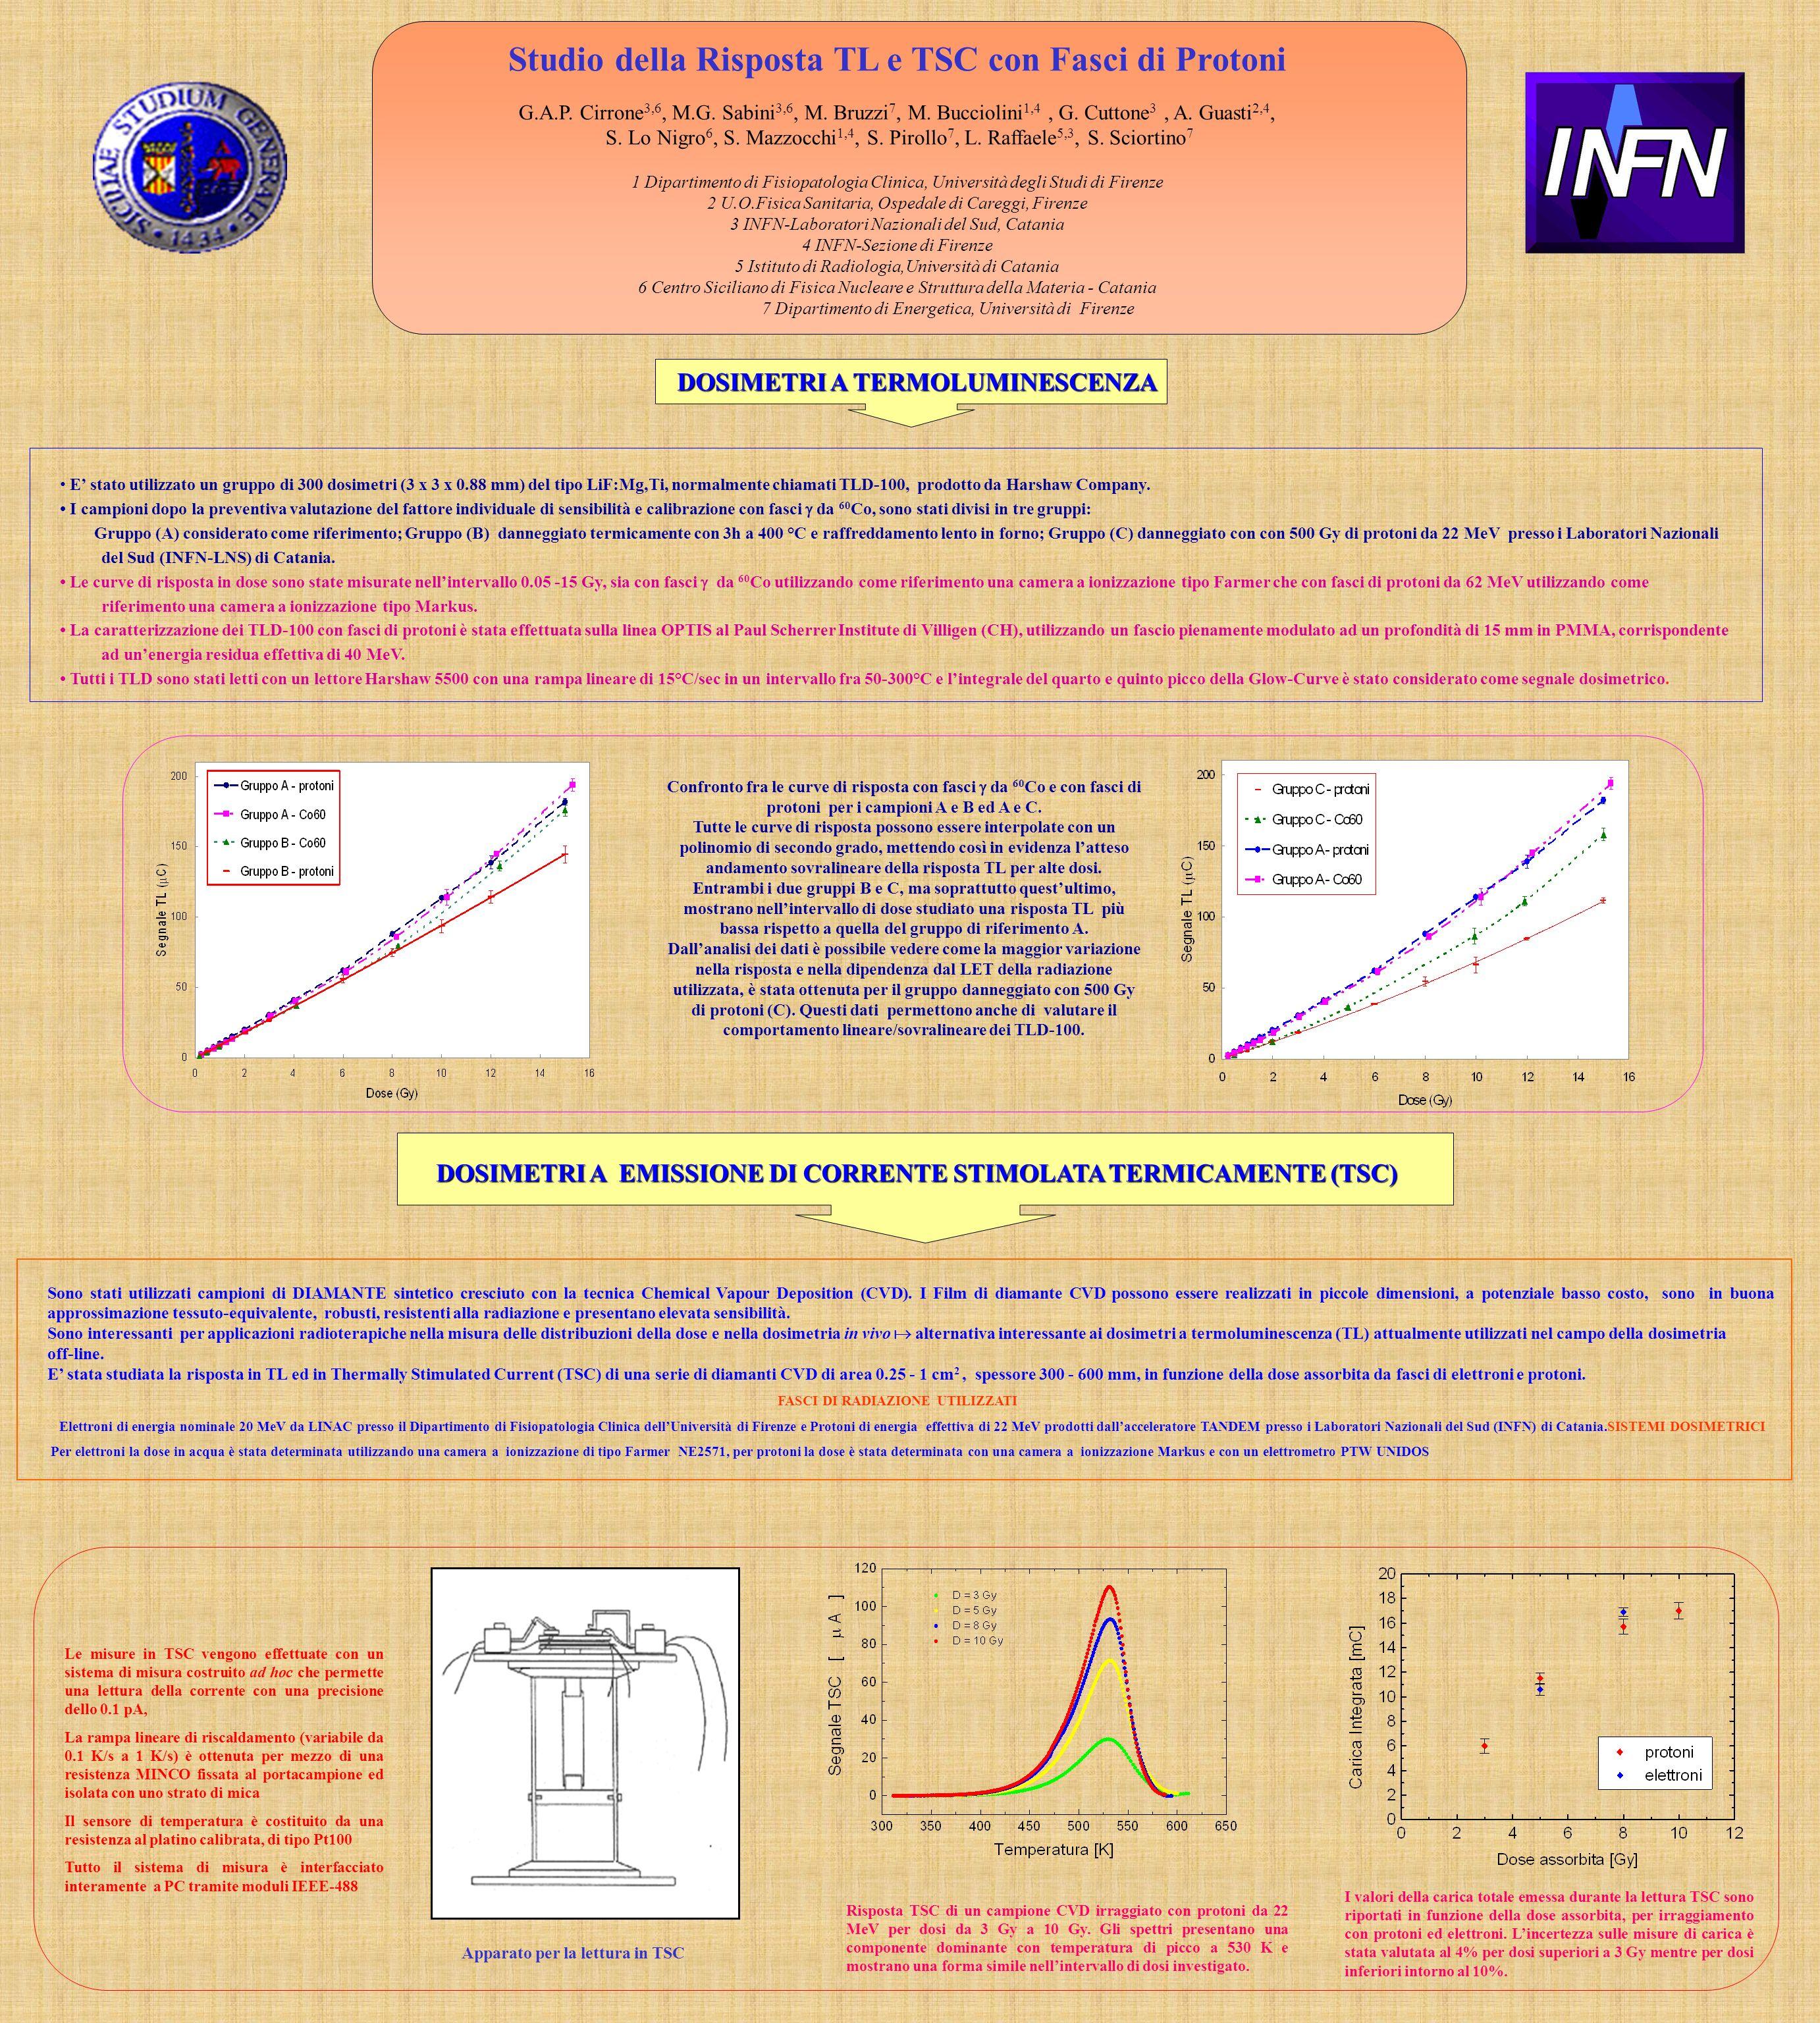 Studio della Risposta TL e TSC con Fasci di Protoni G.A.P. Cirrone 3,6, M.G. Sabini 3,6, M. Bruzzi 7, M. Bucciolini 1,4, G. Cuttone 3, A. Guasti 2,4,